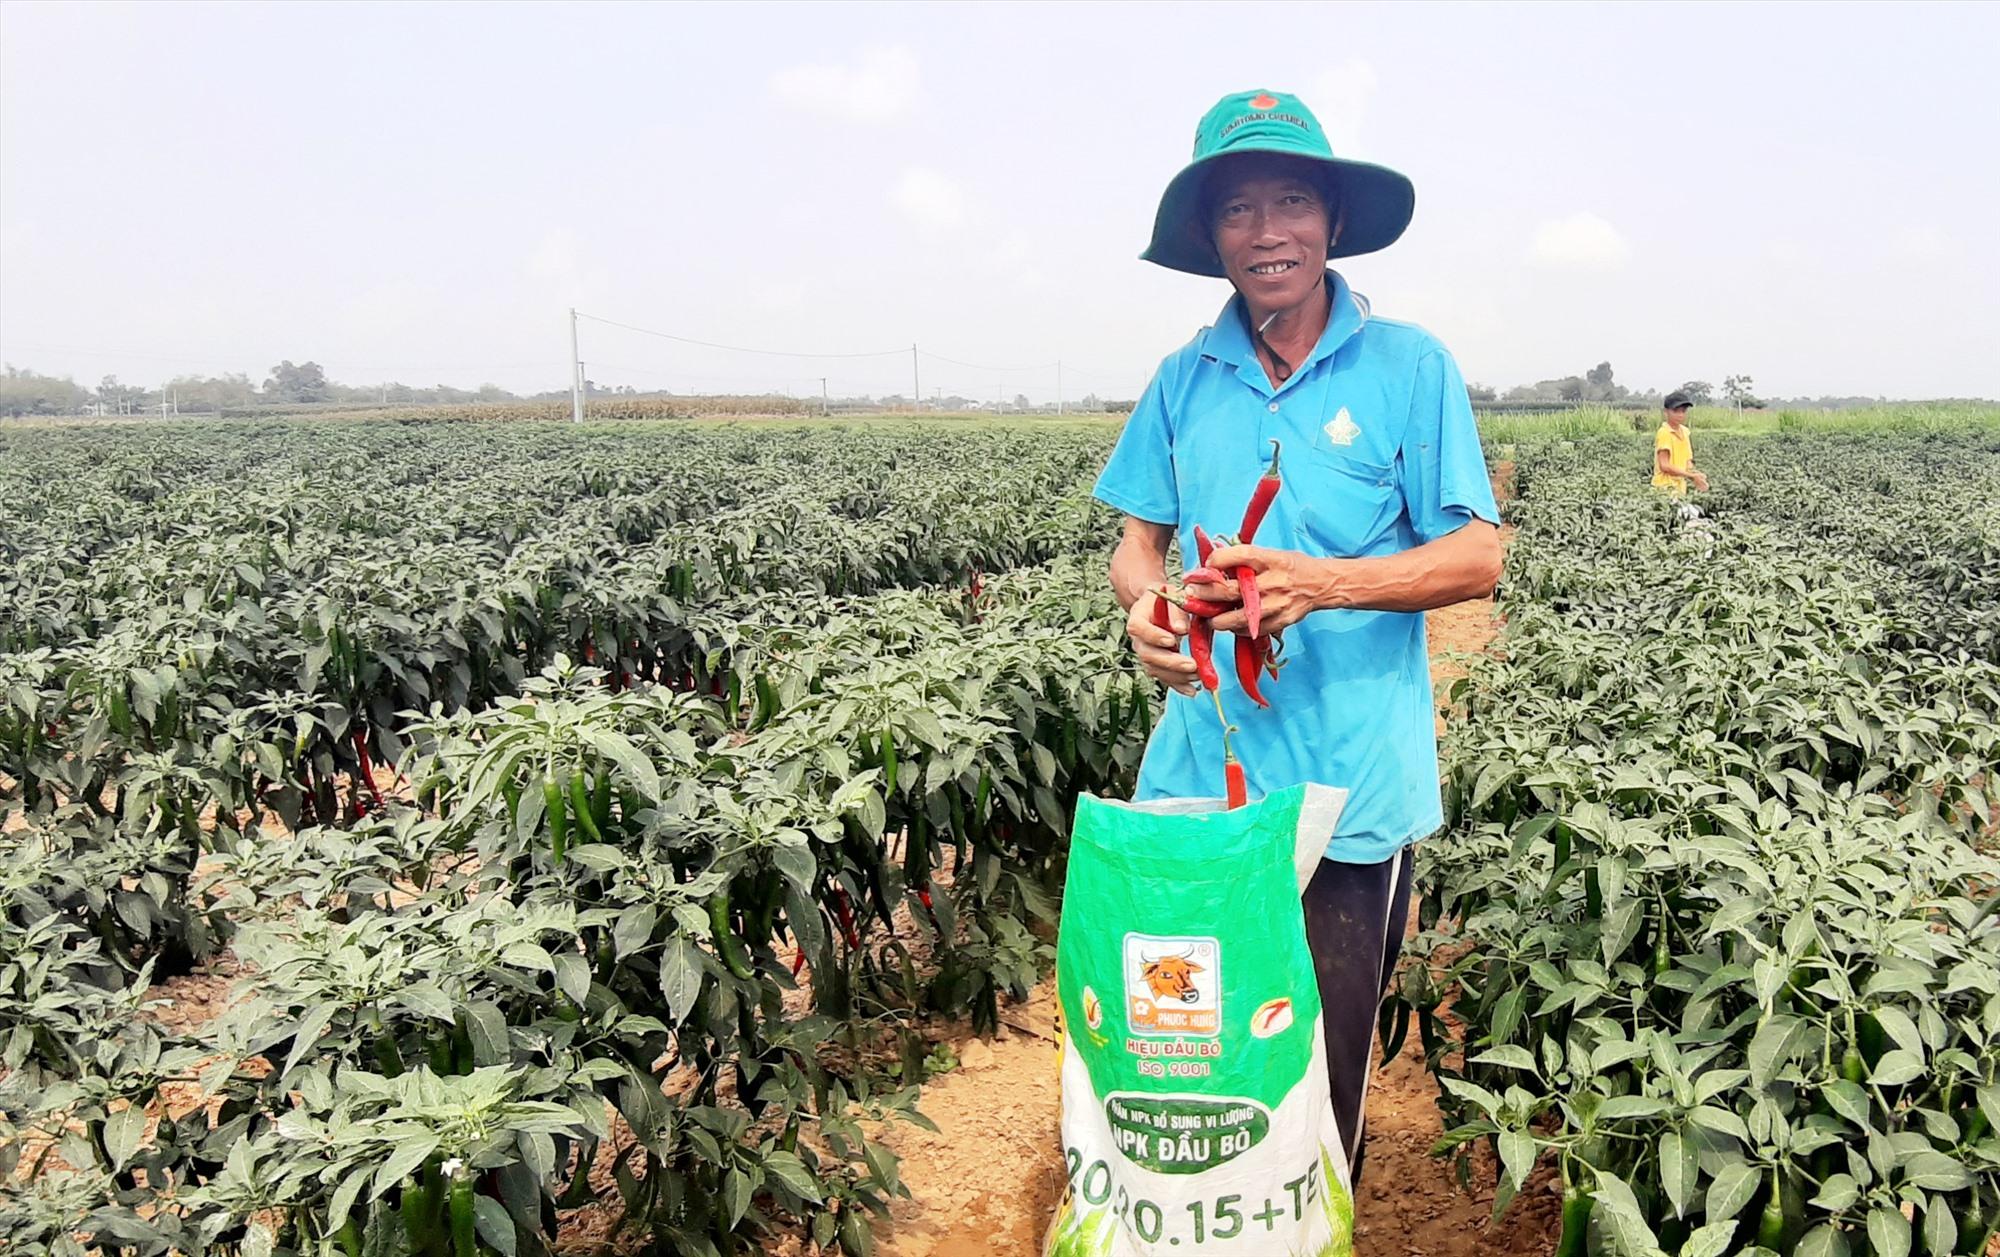 Nhờ liên kết sản xuất với doanh nghiệp, đông xuân này người dân thôn Lệ Bắc (Duy Châu, Duy Xuyên) yên tâm về chuyện đầu ra của cây ớt. Ảnh: HOÀI NHI